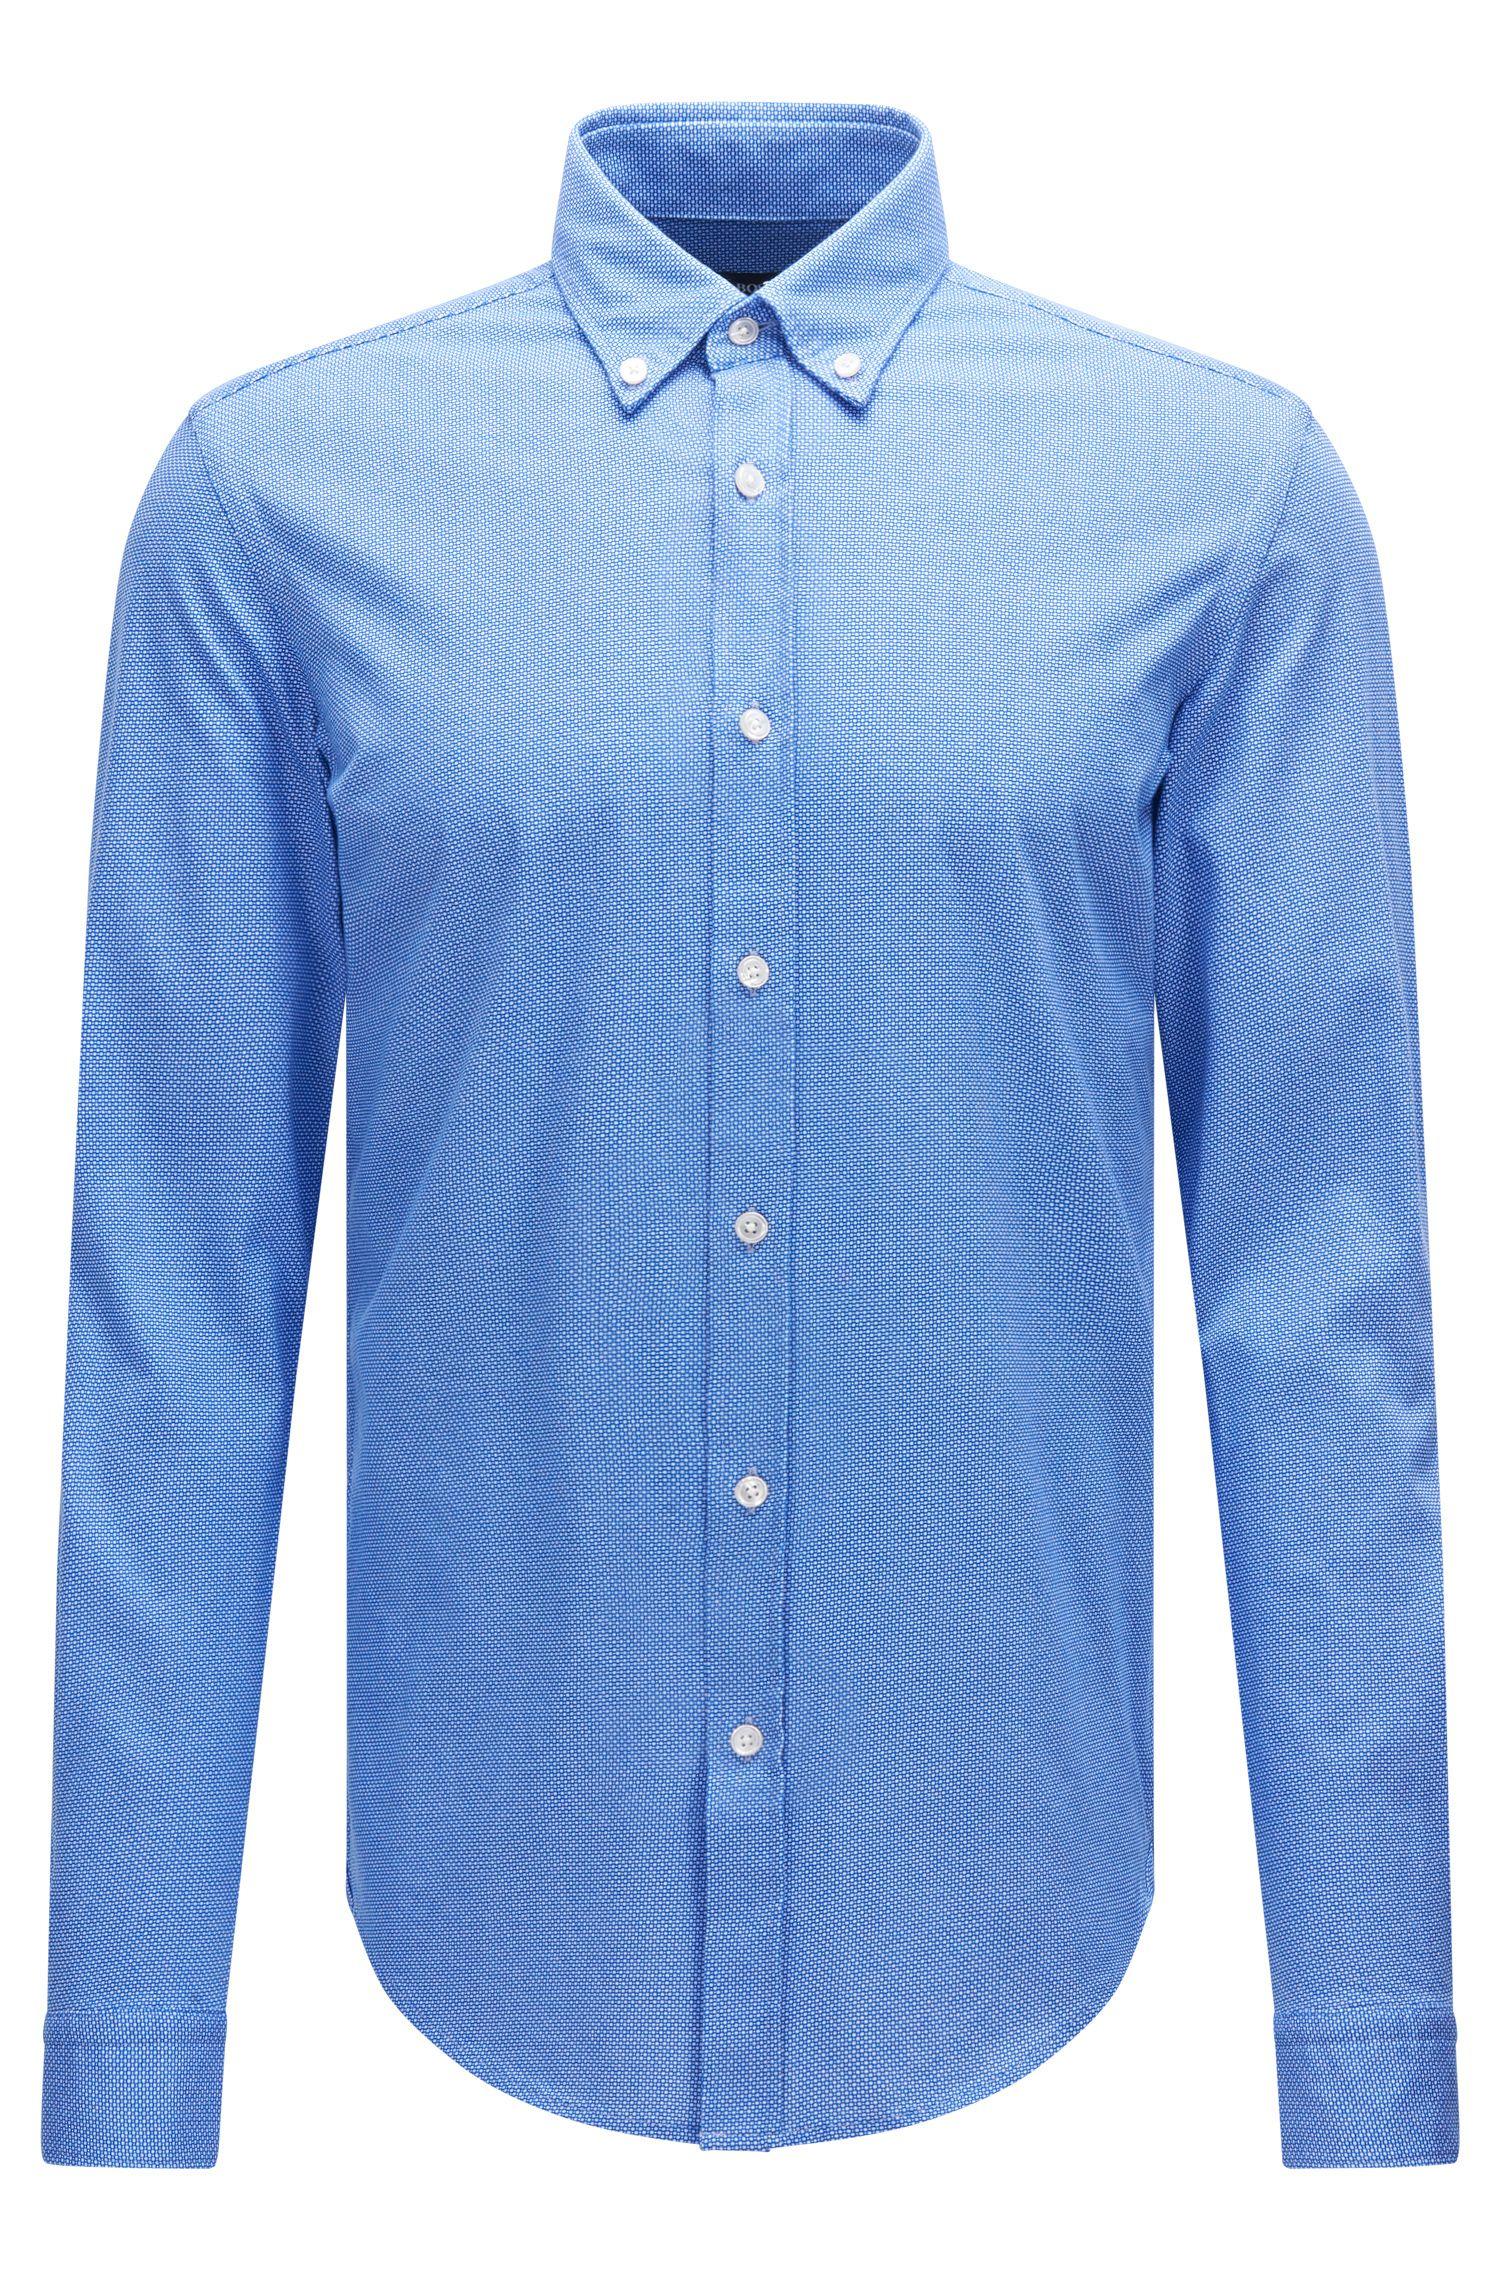 Gemustertes Slim-Fit Hemd aus Baumwolle in Jersey-Qualität: 'Rod'